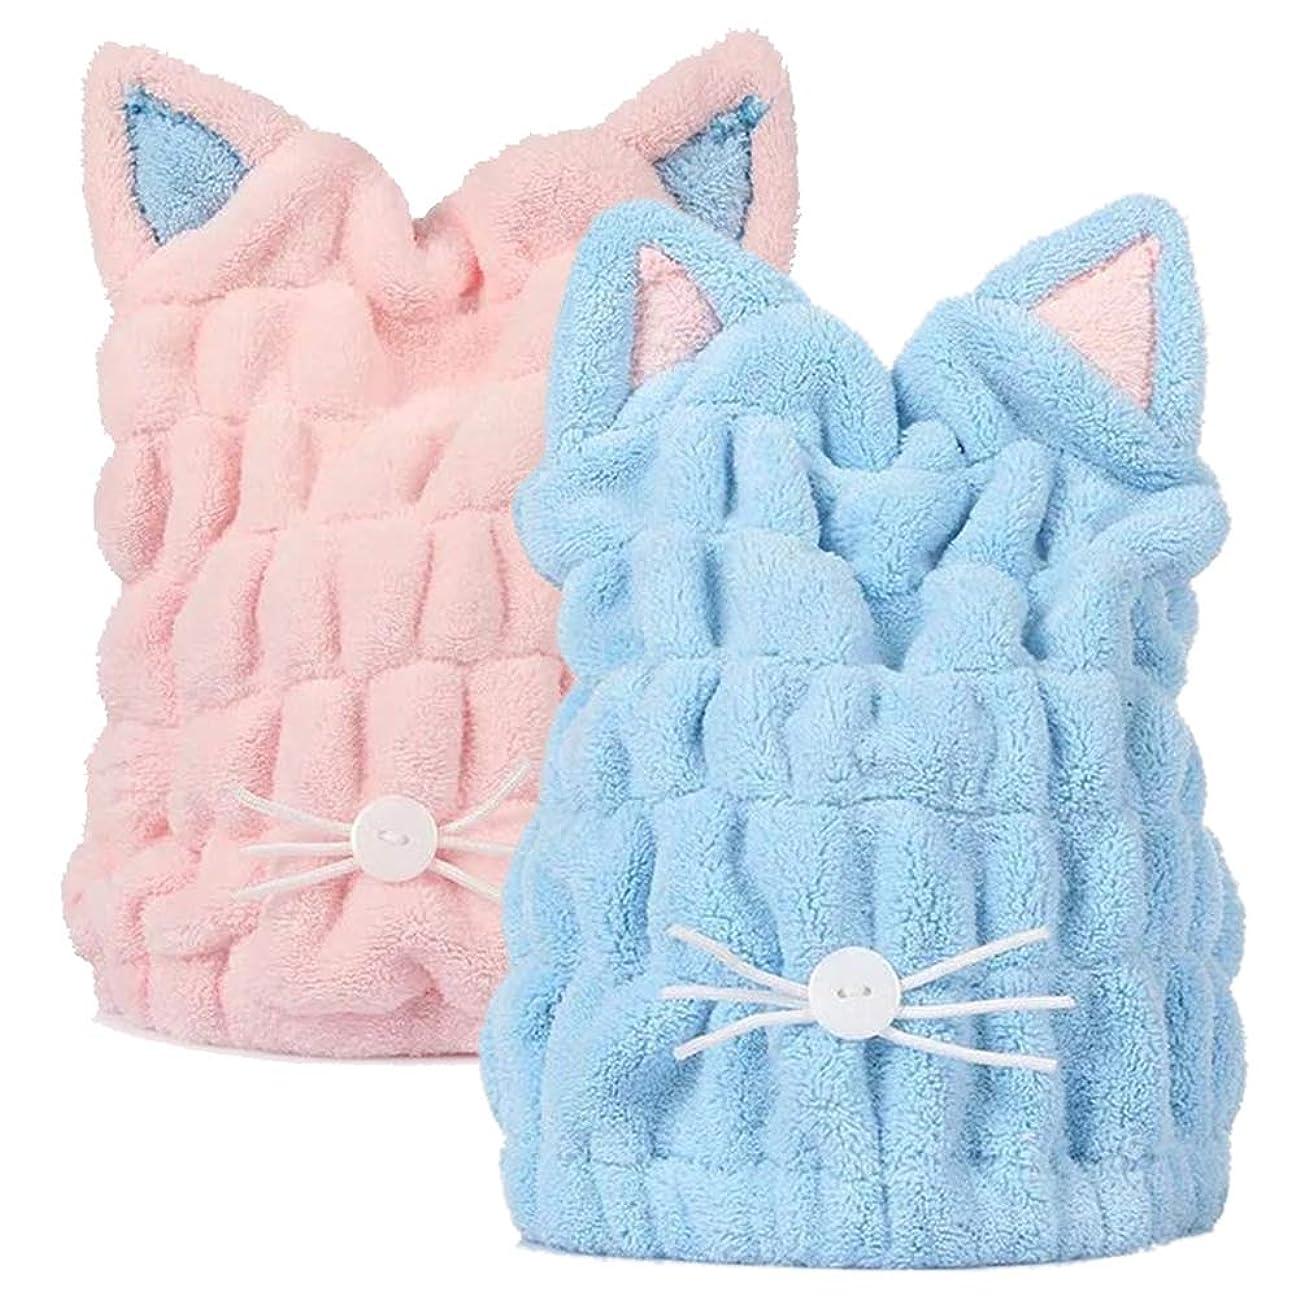 を必要としていますイヤホンしみJIEMEIRUI ヘアドライタオル 大人も子供も使える シャワーキャップ タオルキャップ 風邪を防ぐ 吸水 速乾 髪 ふわもこ ドライキャップ ヘアターバン 強い吸水性 お風呂上がり バス用品 (猫ちゃんー2枚セット)